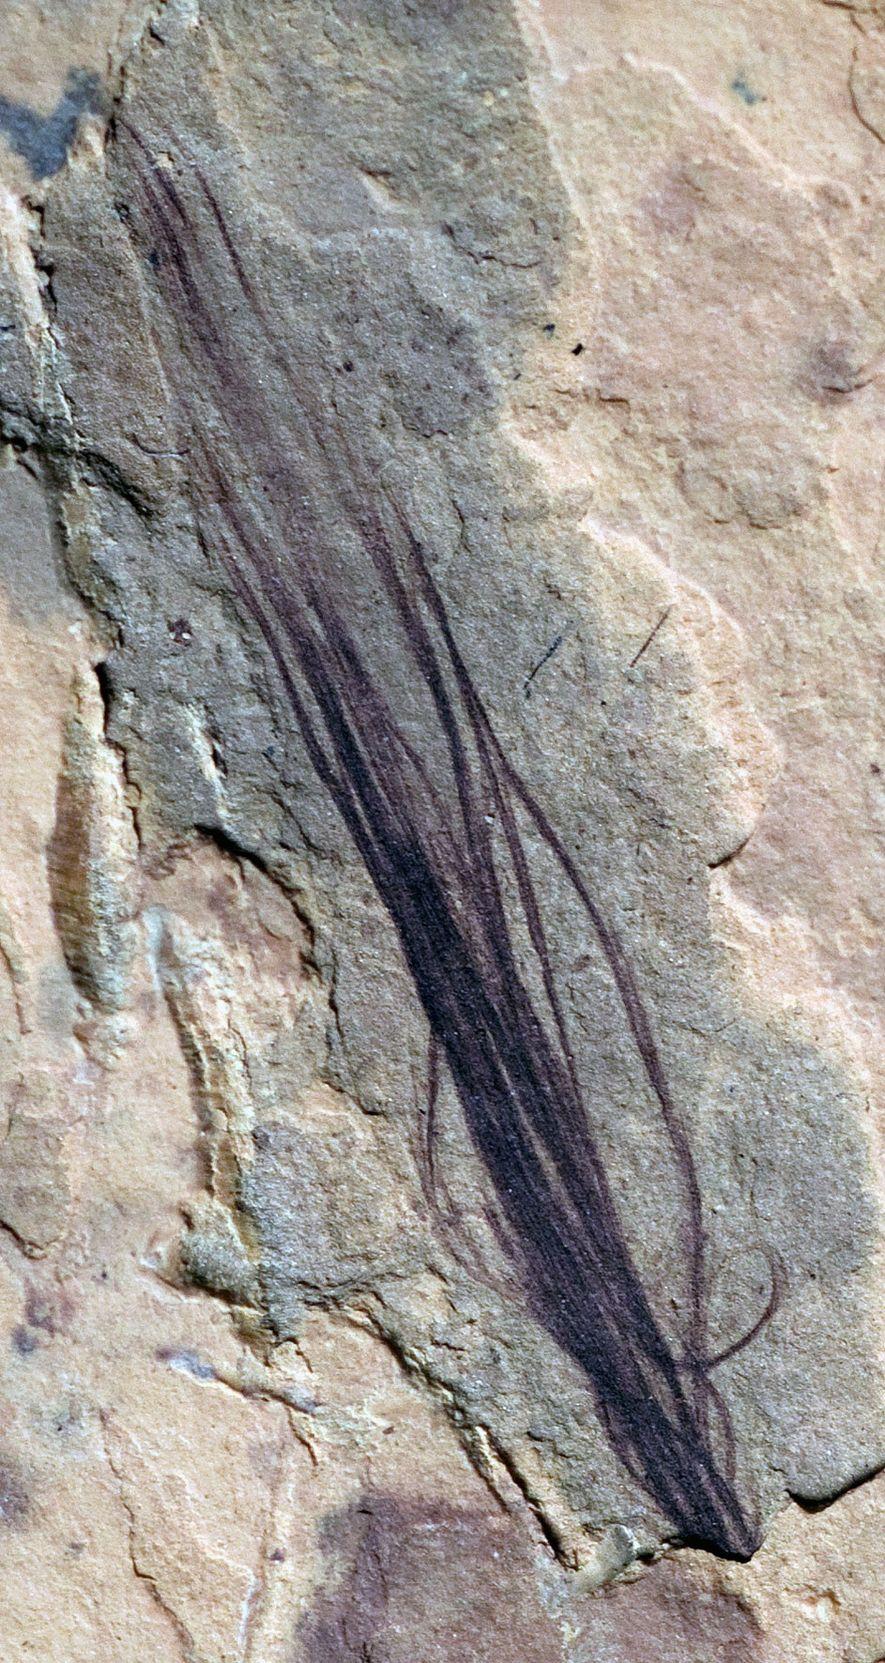 El conjunto de 10 plumas fosilizadas descubierto en el yacimiento de Australia incluye una protopluma de ...